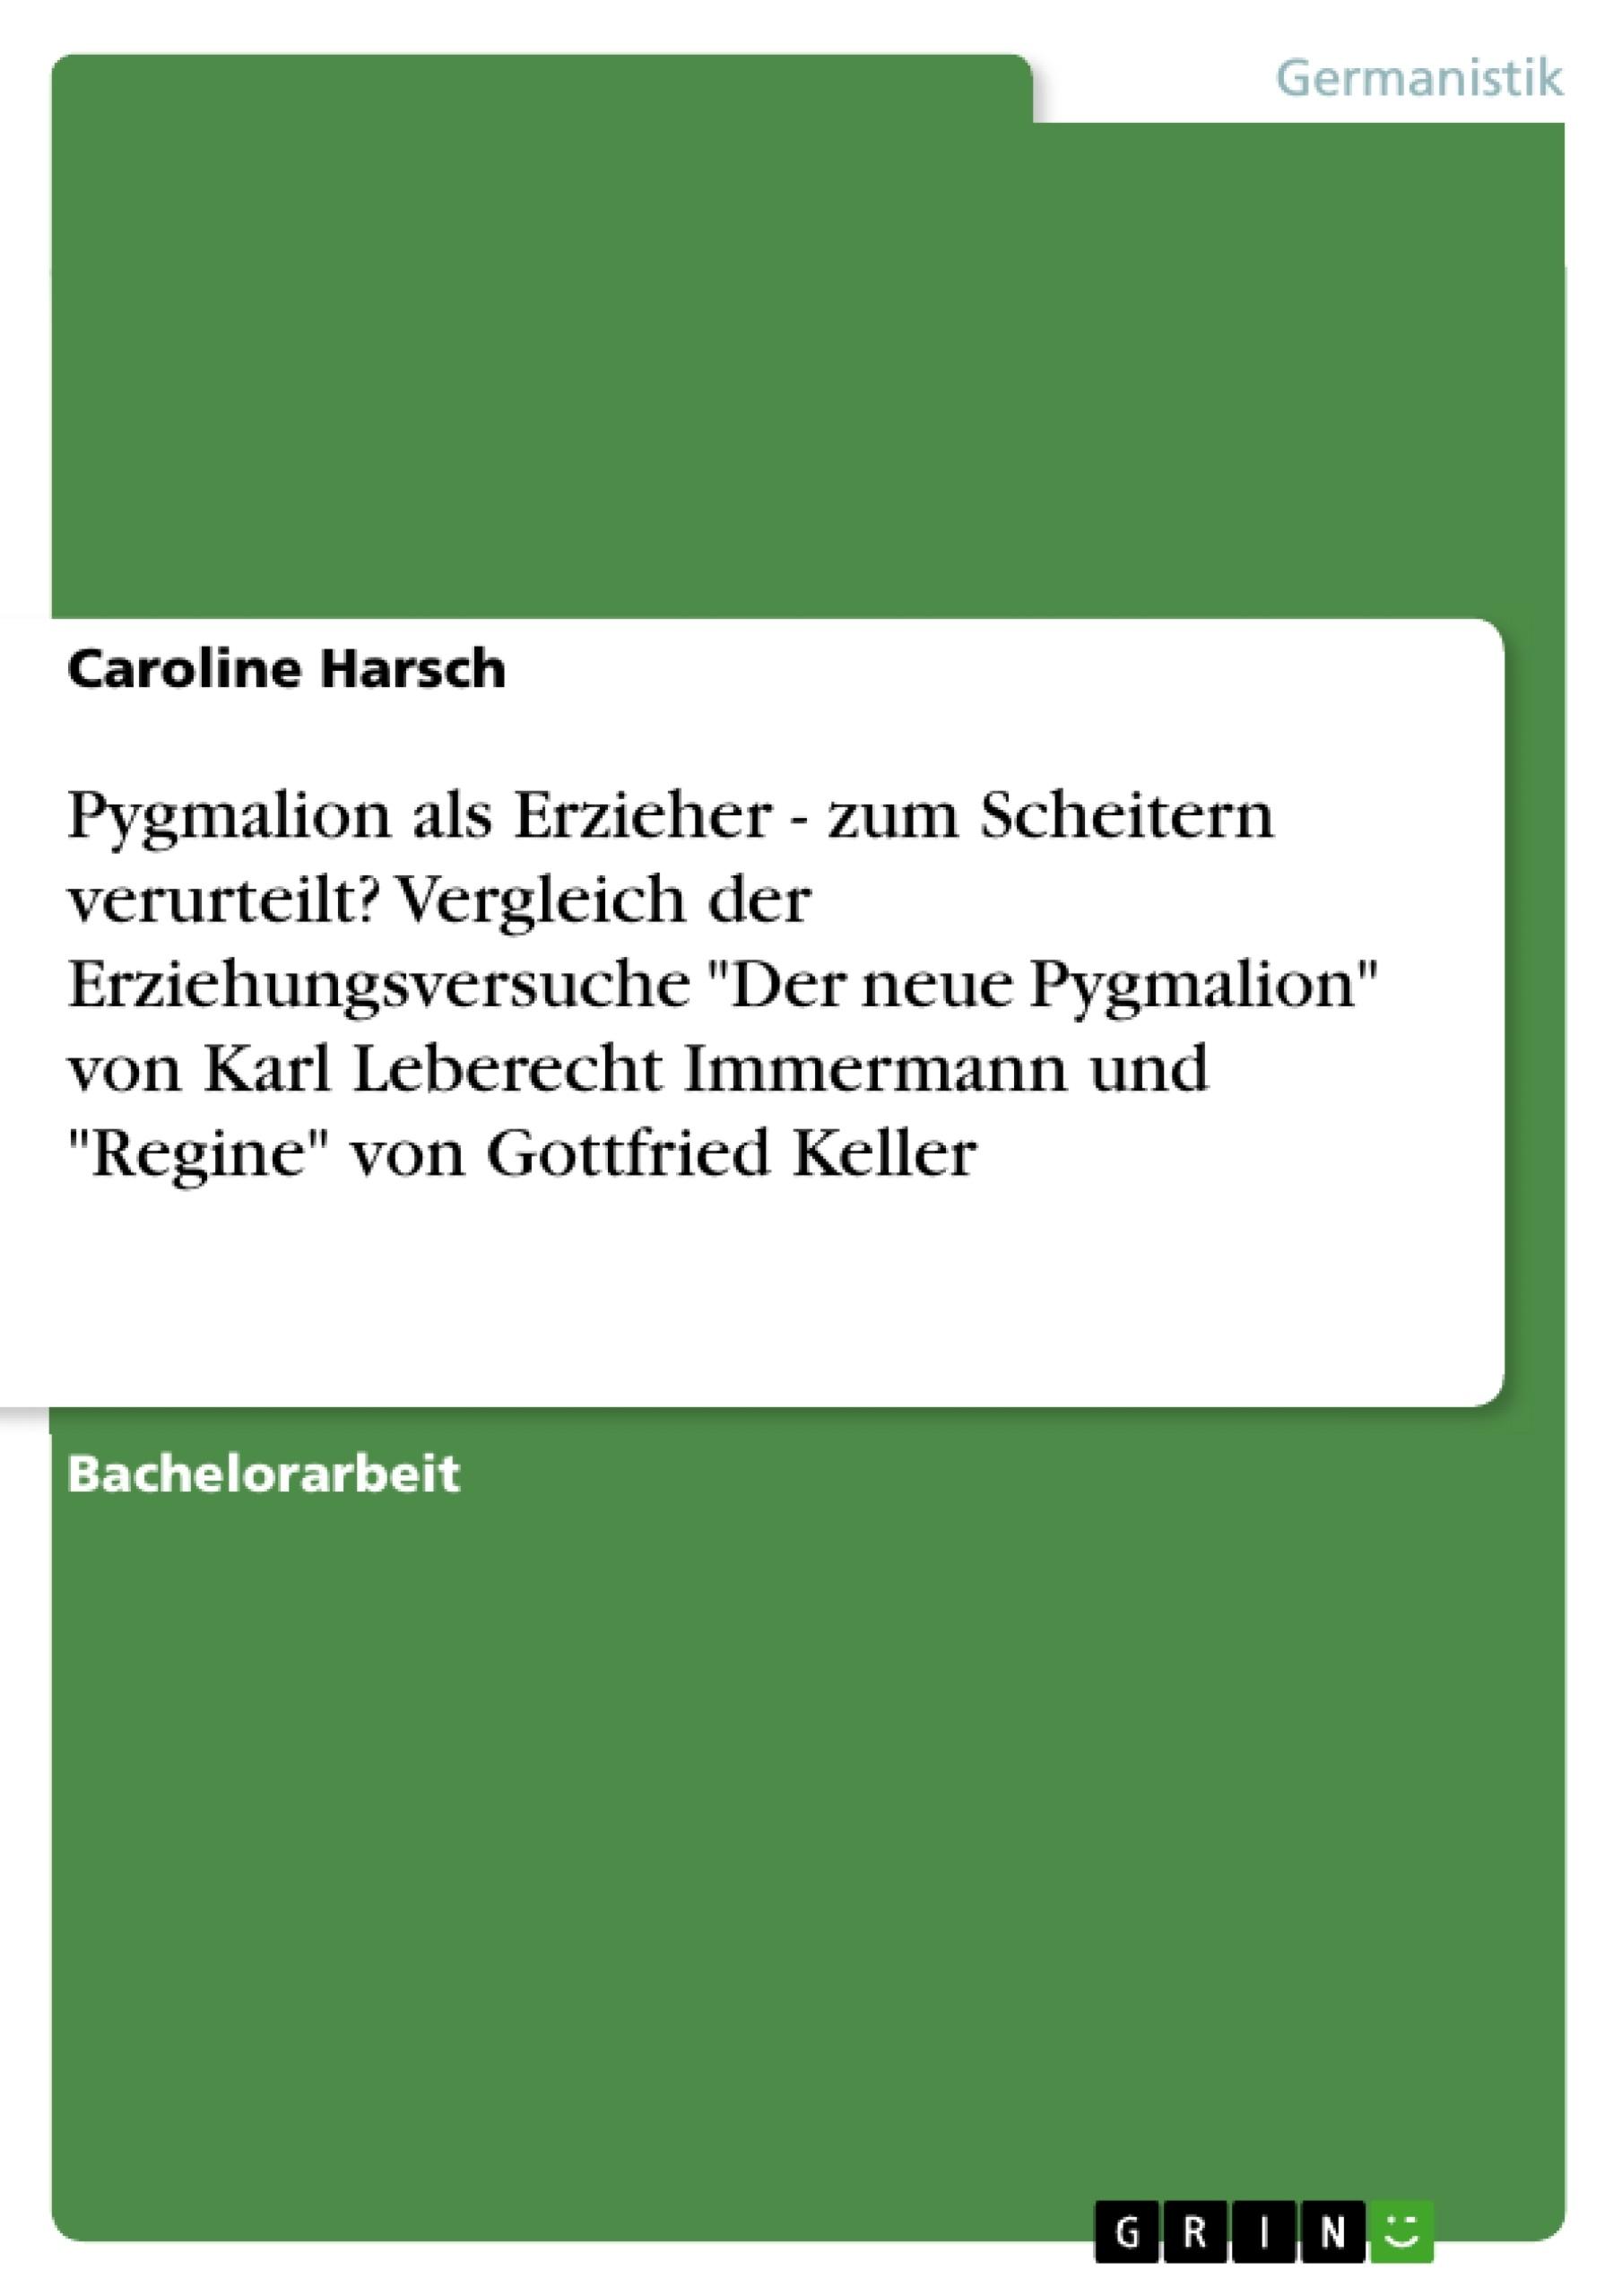 """Titel: Pygmalion als Erzieher - zum Scheitern verurteilt? Vergleich der Erziehungsversuche """"Der neue Pygmalion"""" von Karl Leberecht Immermann und """"Regine"""" von Gottfried Keller"""